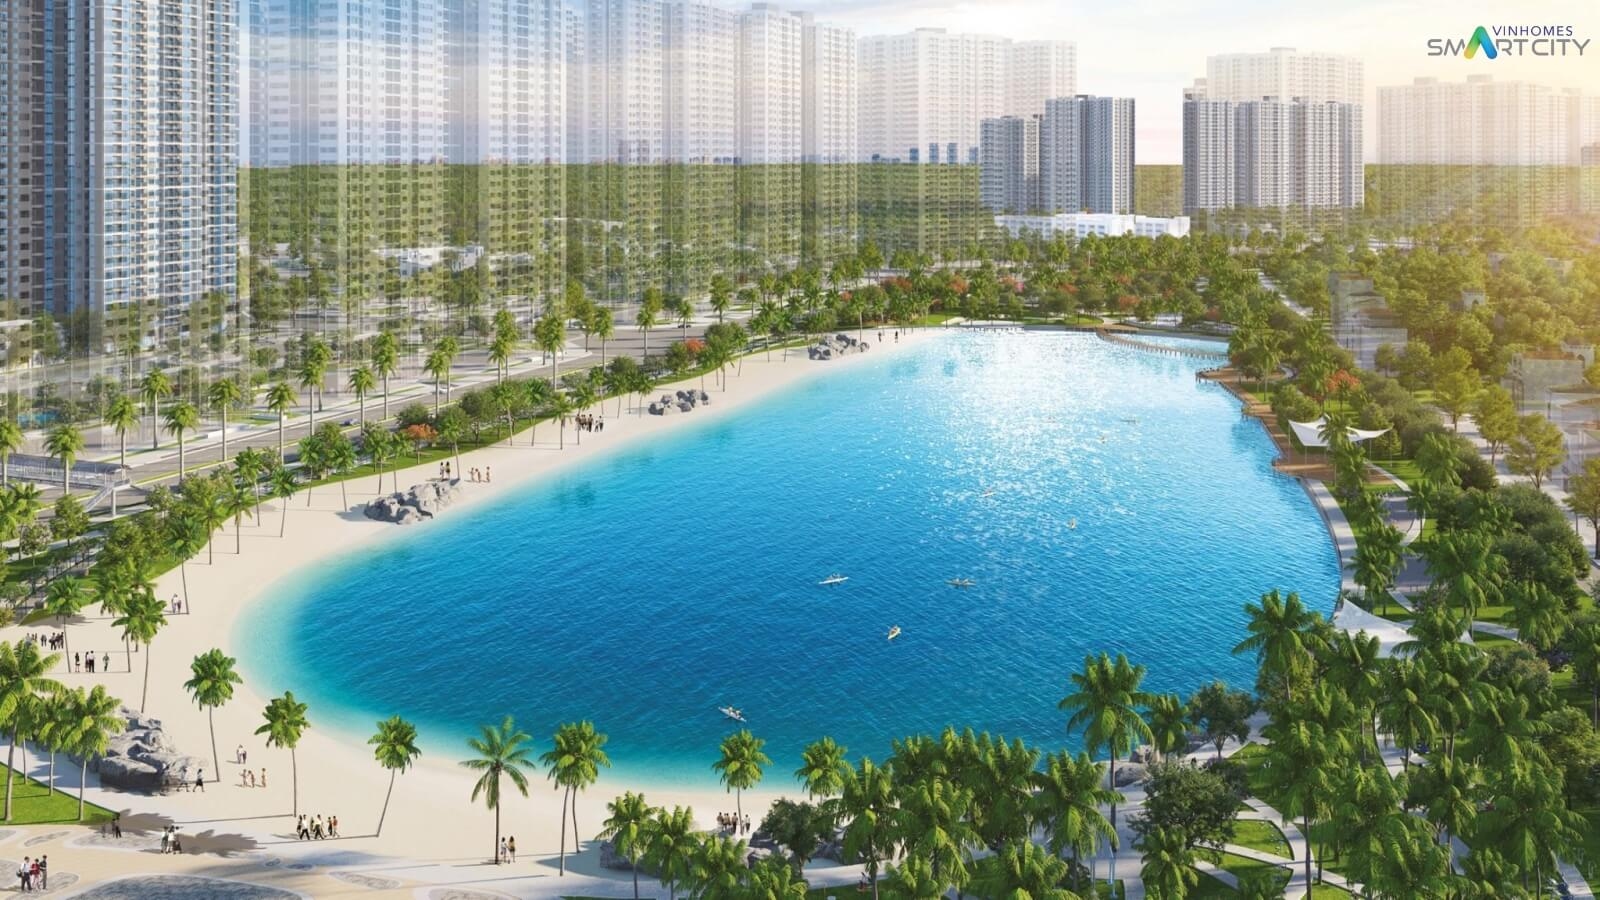 Công viên hồ điều hoà của dự án Vinhomes Smart City Tây Mỗ